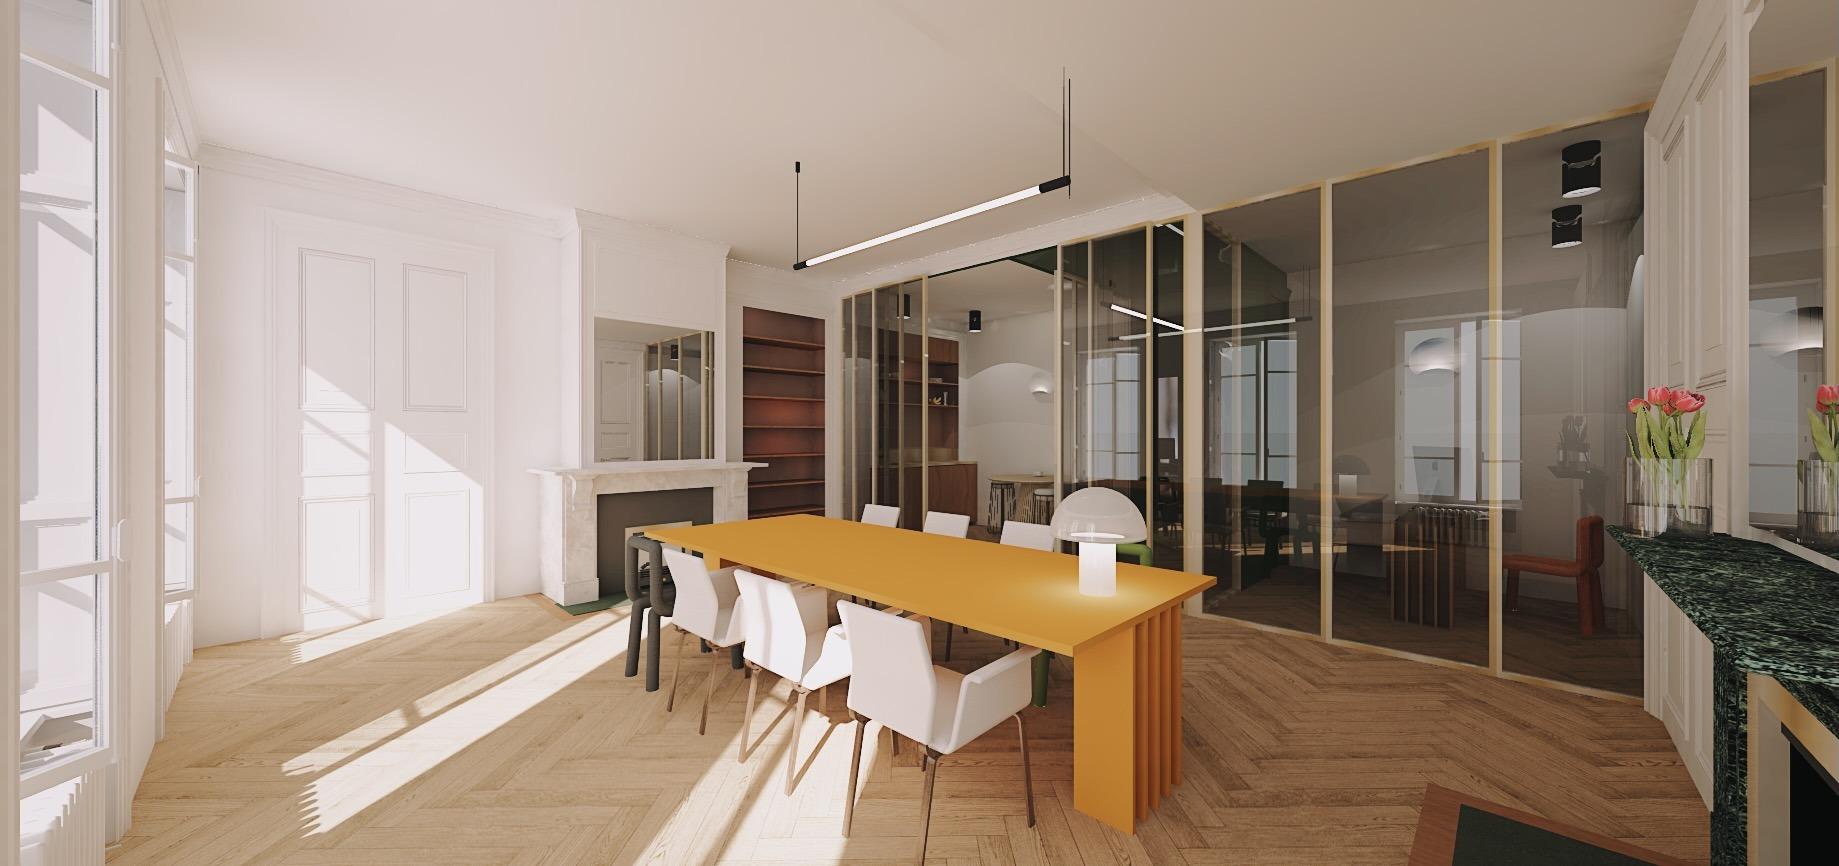 craiecraie-architecture-projet-plat-lyon2